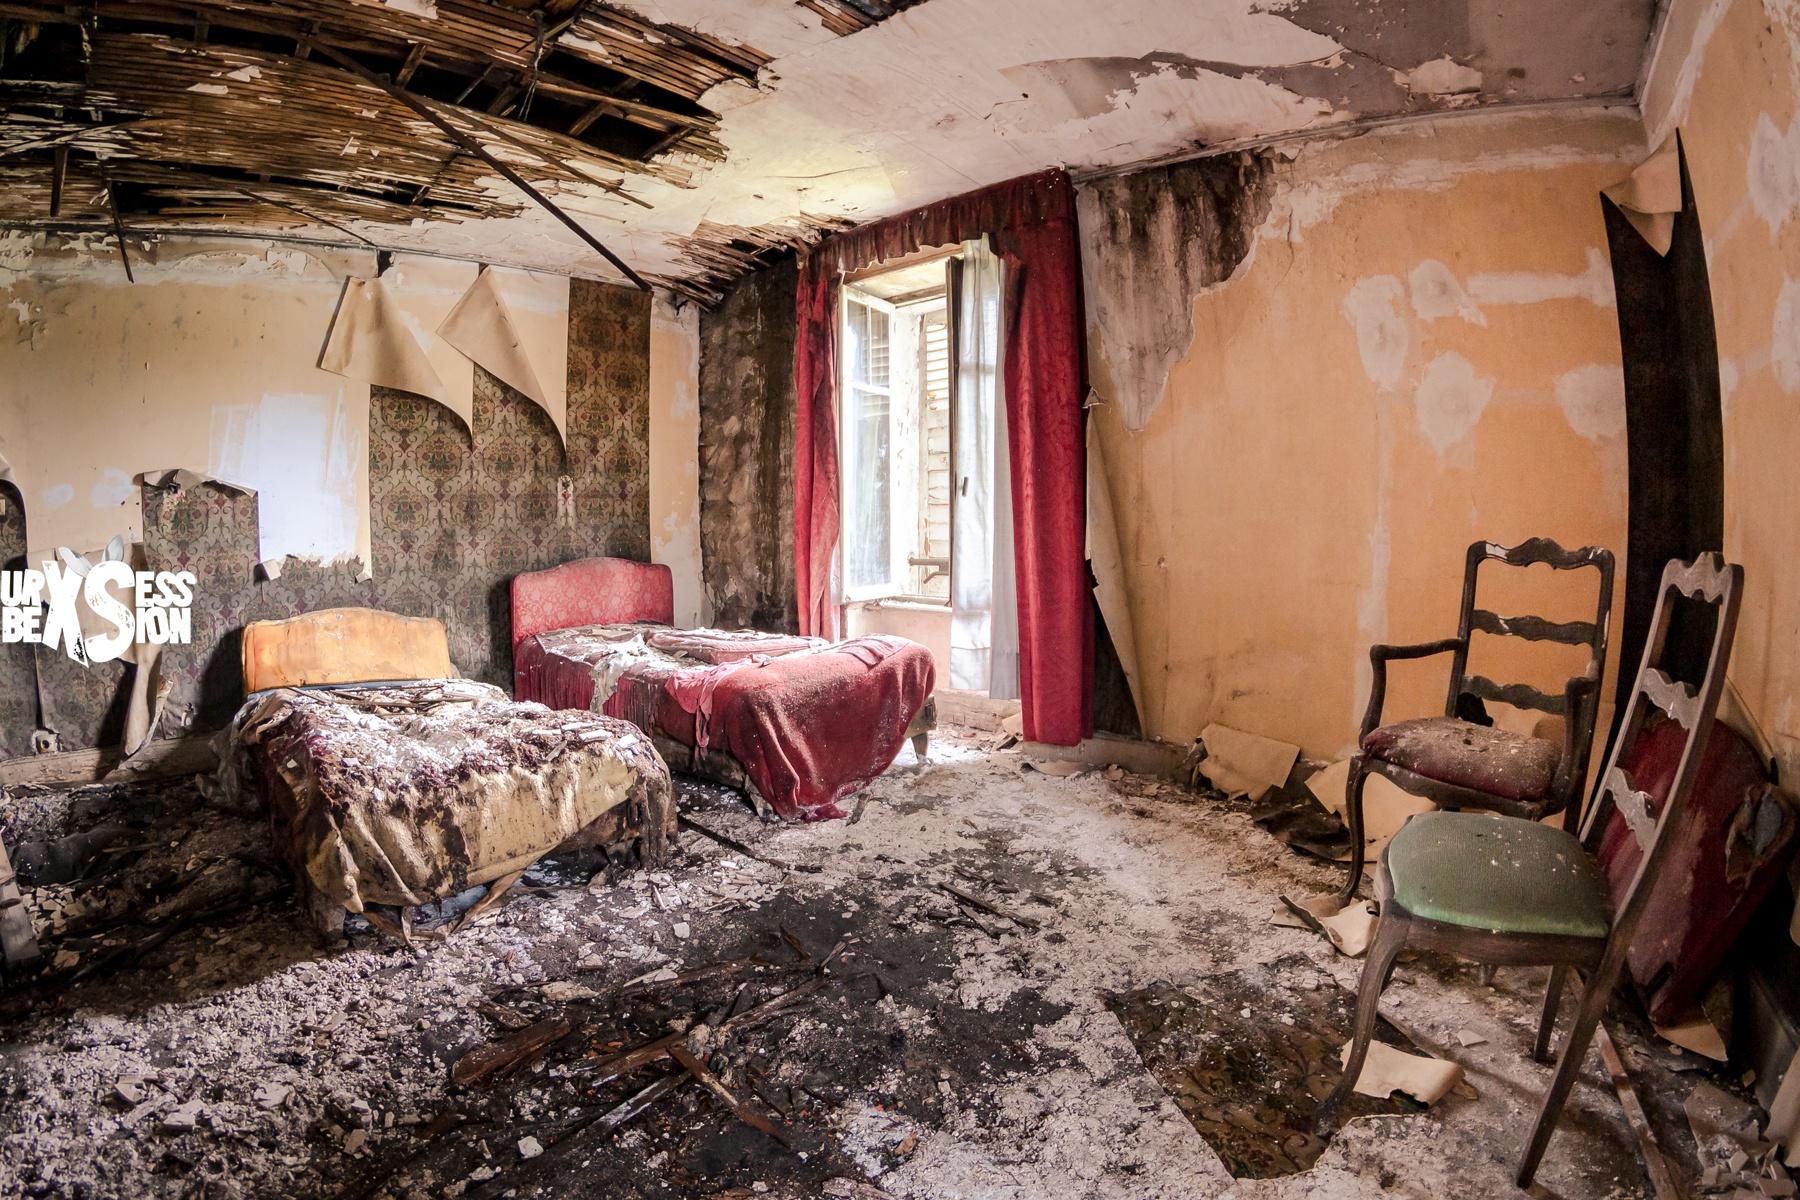 hotel-voirbo-13